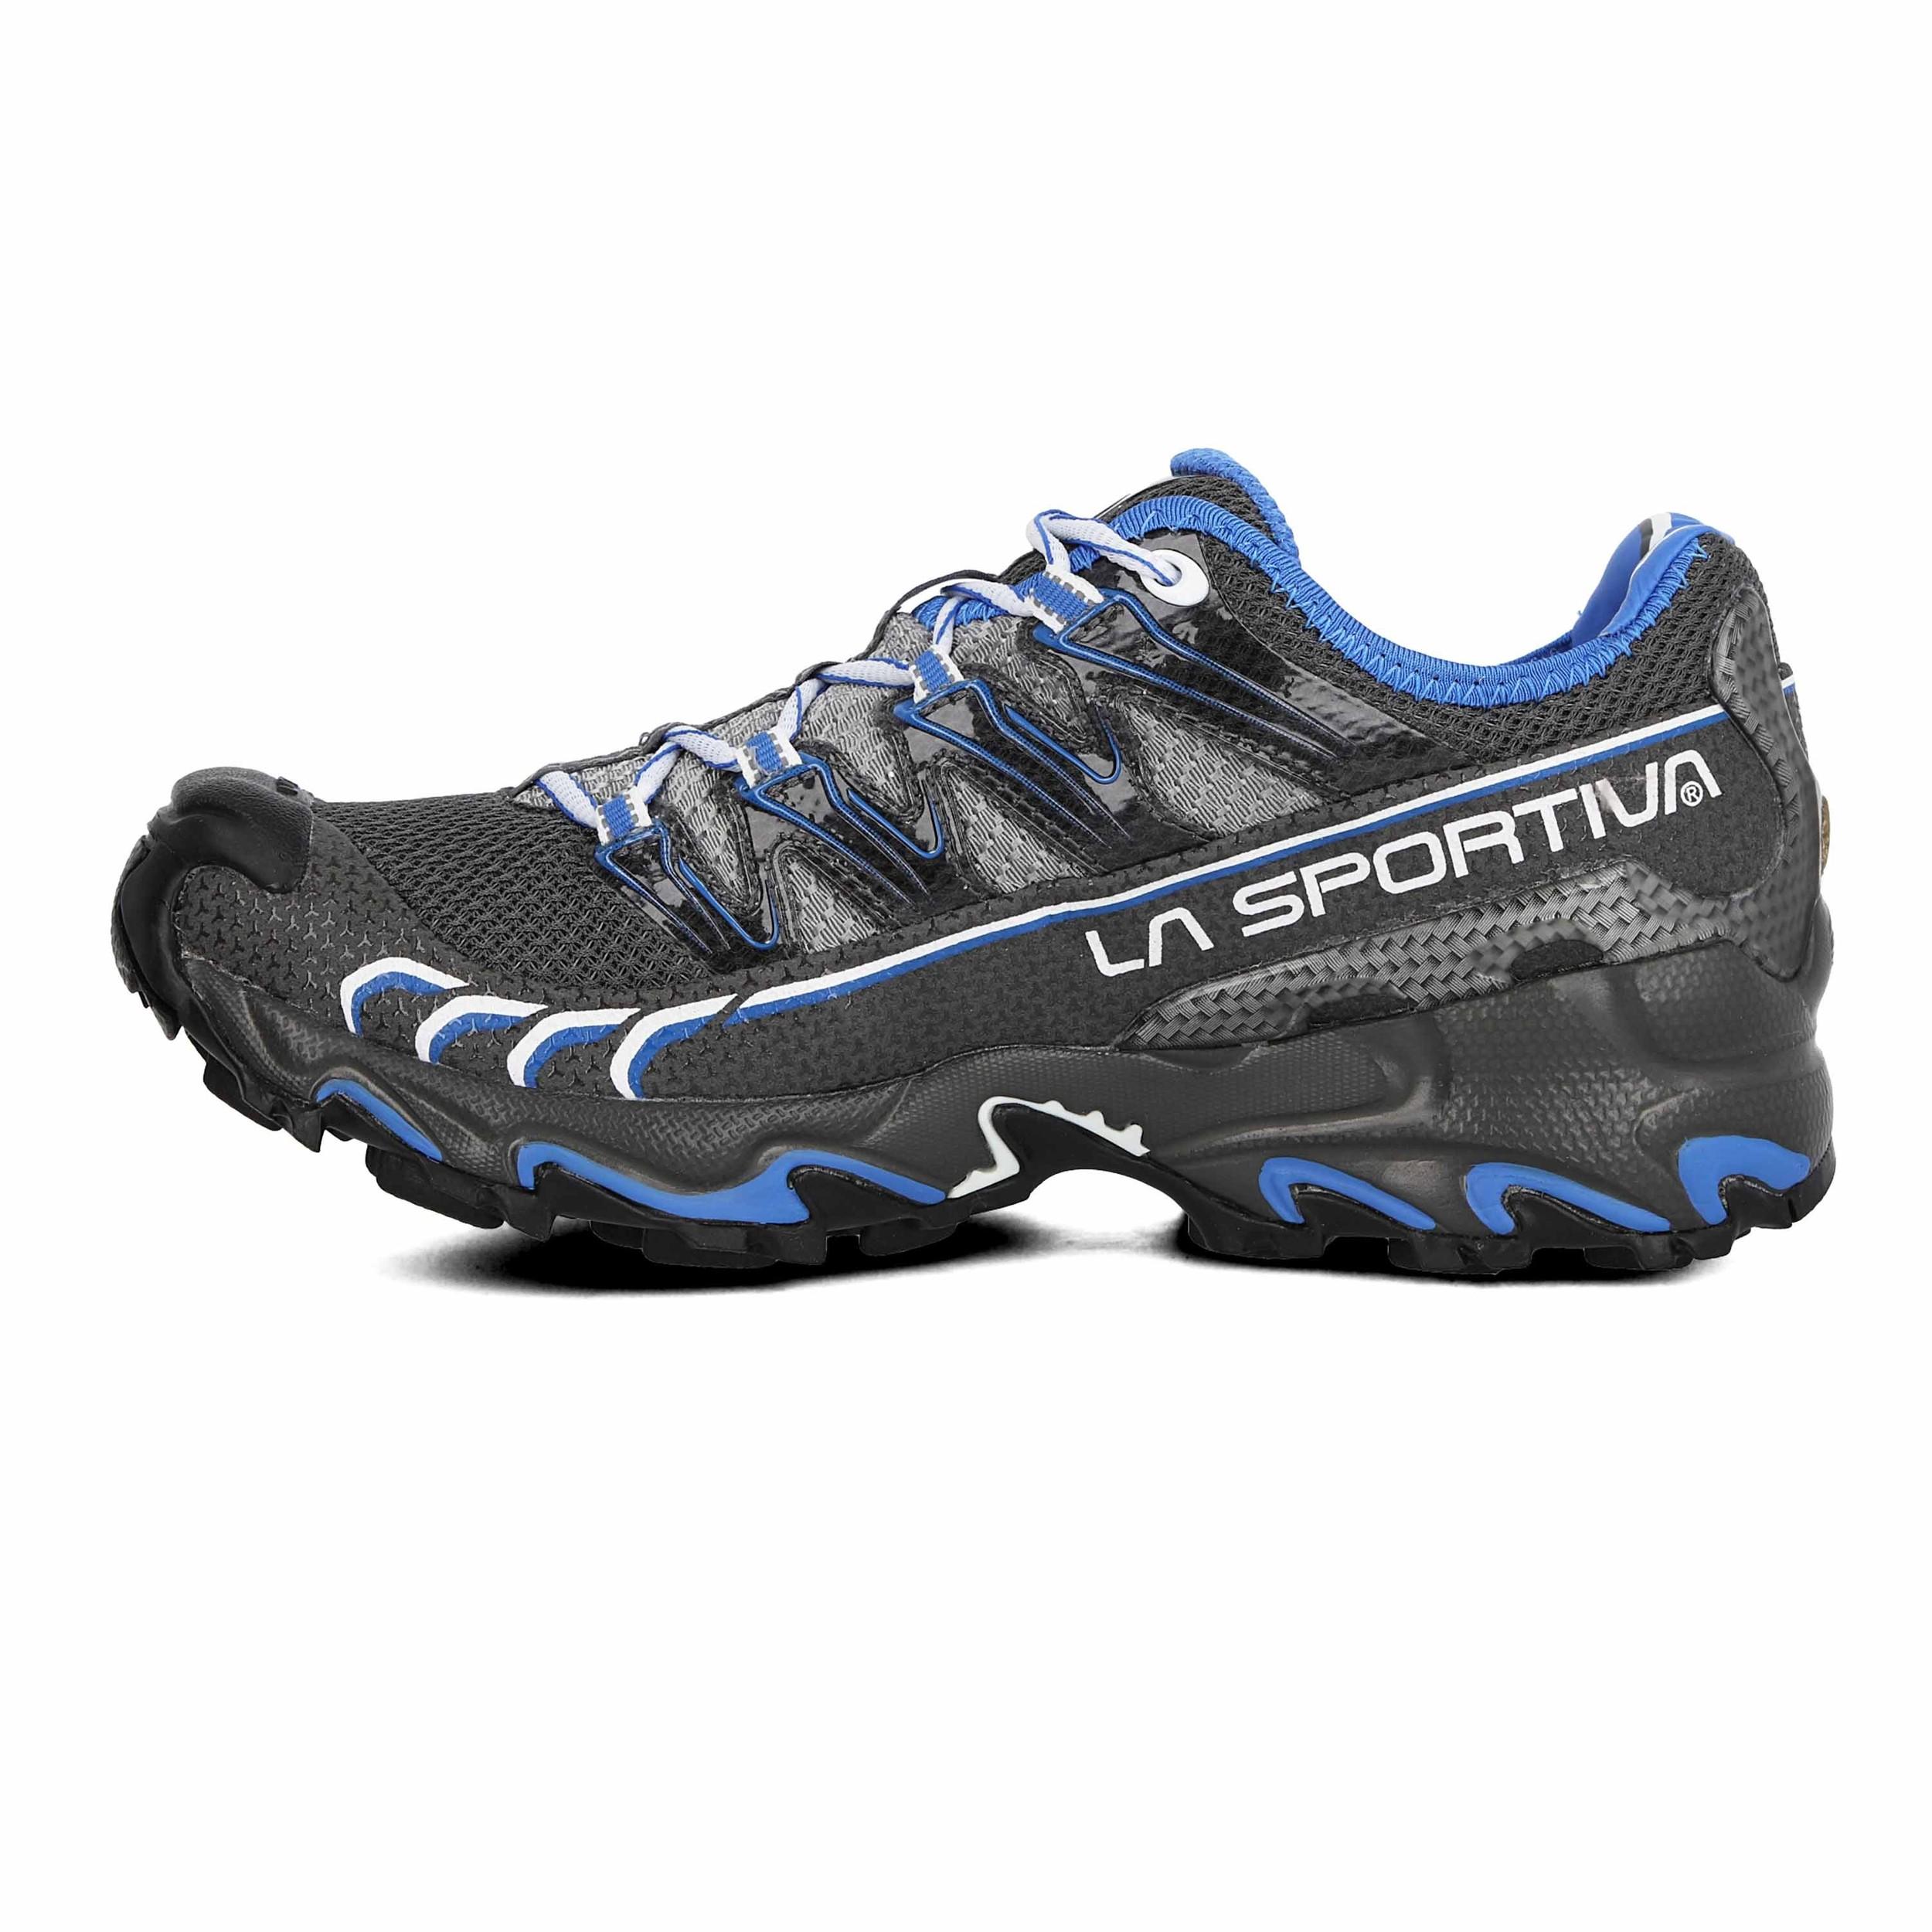 Da Scarpe Ginnastica La Corsa Raptor Donna Sportiva Blu Trail Ultra shCxQrtd